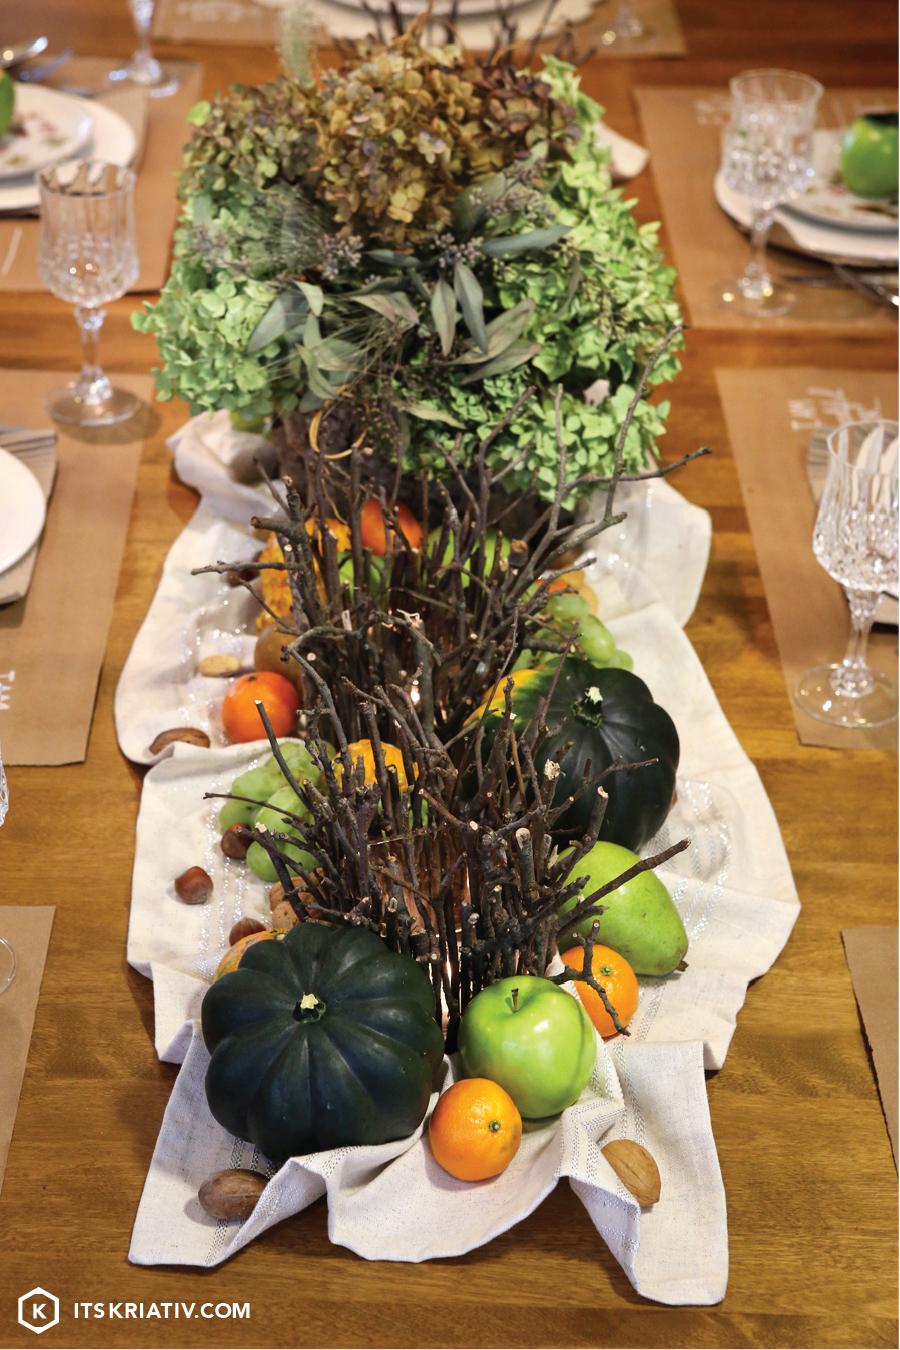 13_Nov_Decor-Thanksgiving-Centerpiece-07.jpg